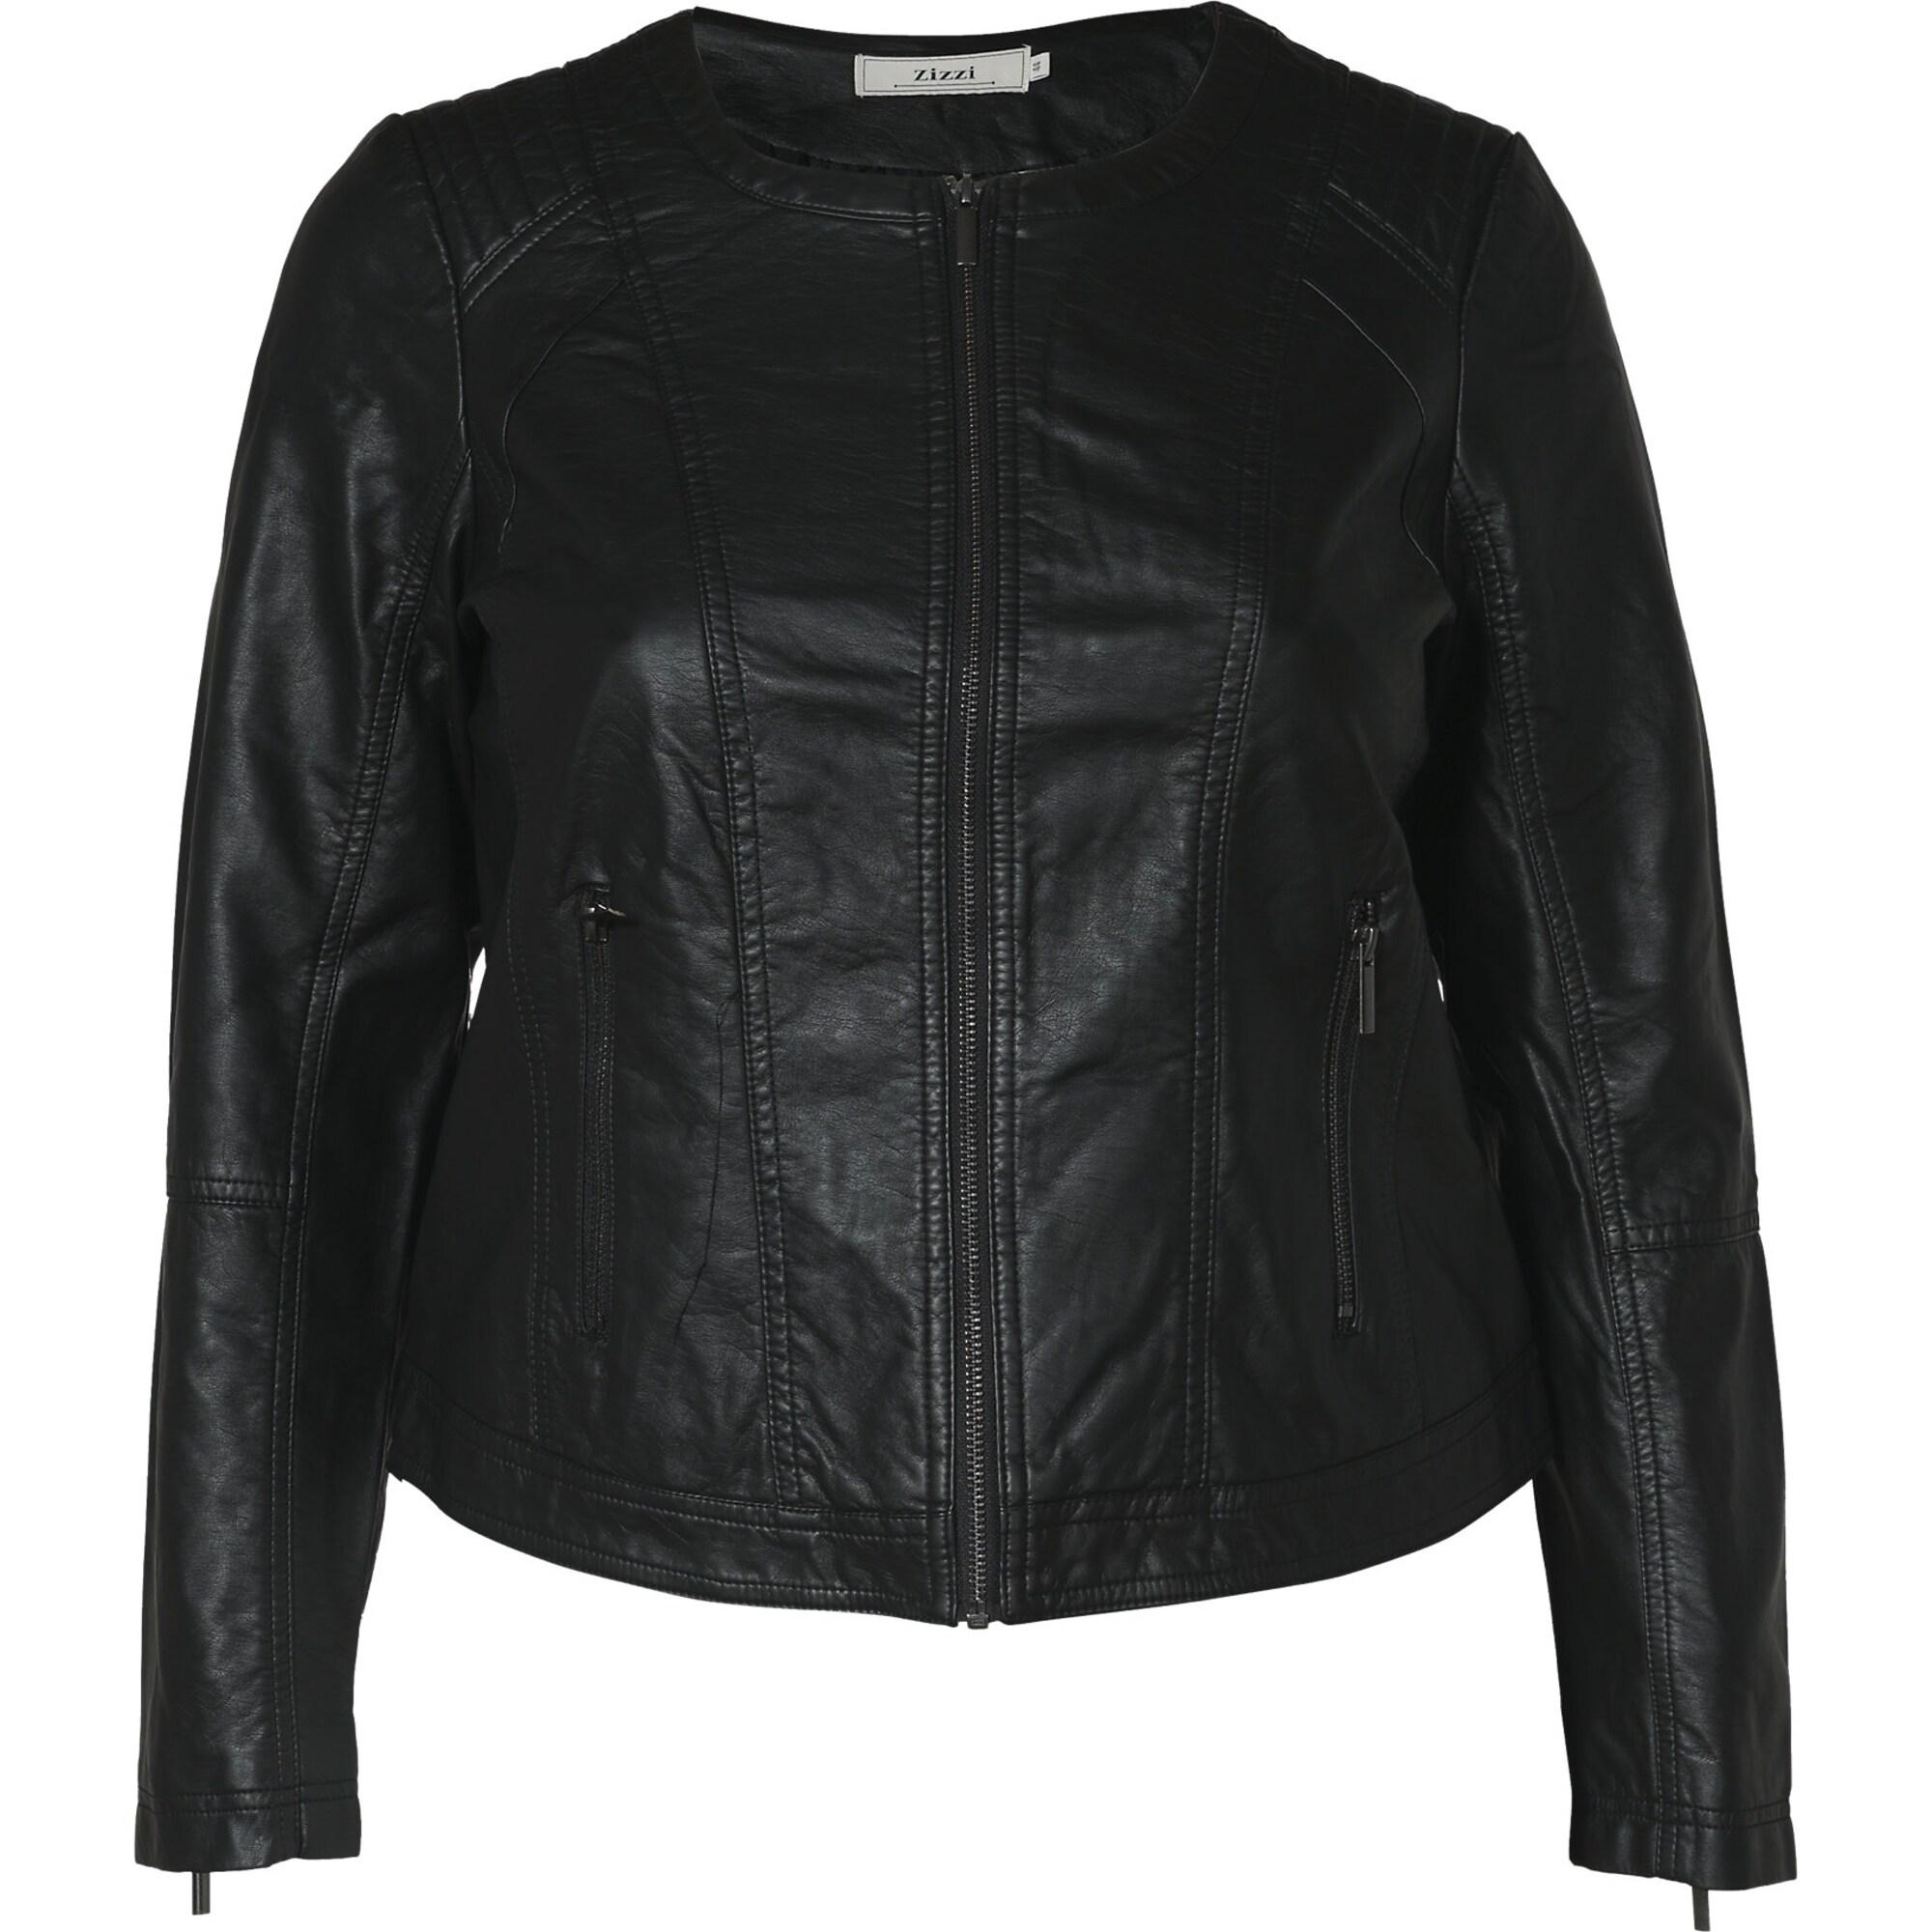 Přechodná bunda Imitated leather jacket černá Zizzi